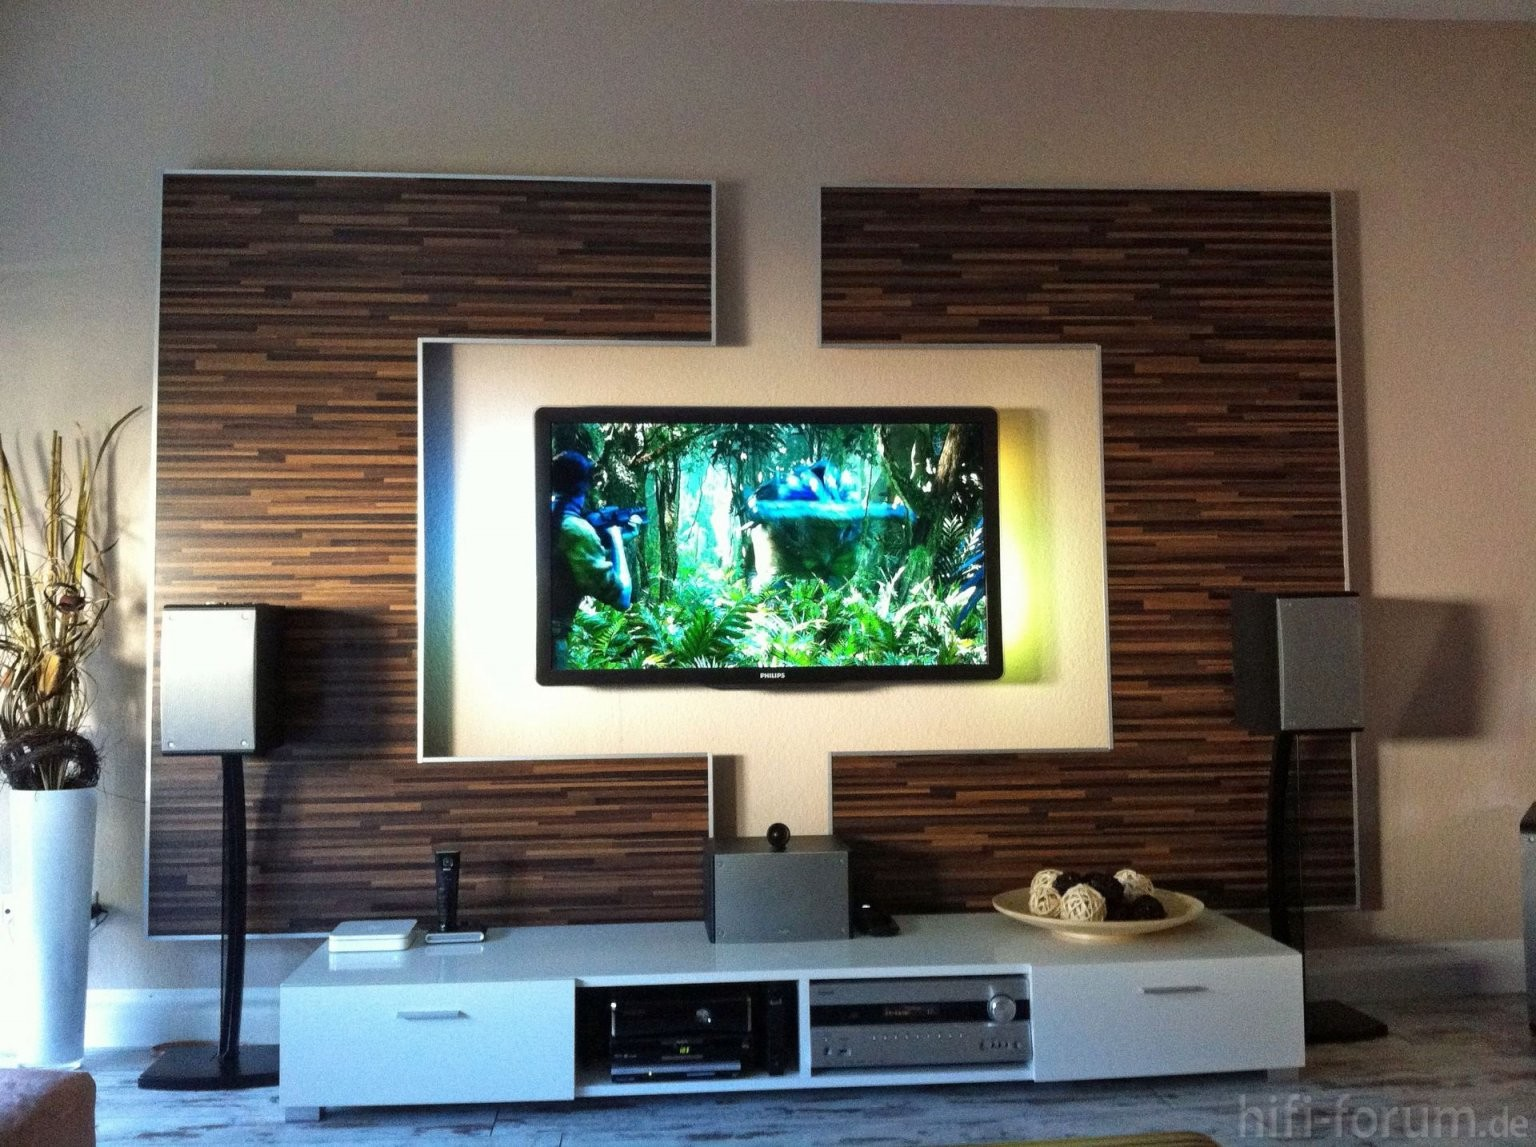 Ich Habe Hier Mal Ein Paar Bilder Meiner Heimkinowand Hab von Tv Wand Selber Bauen Laminat Bild